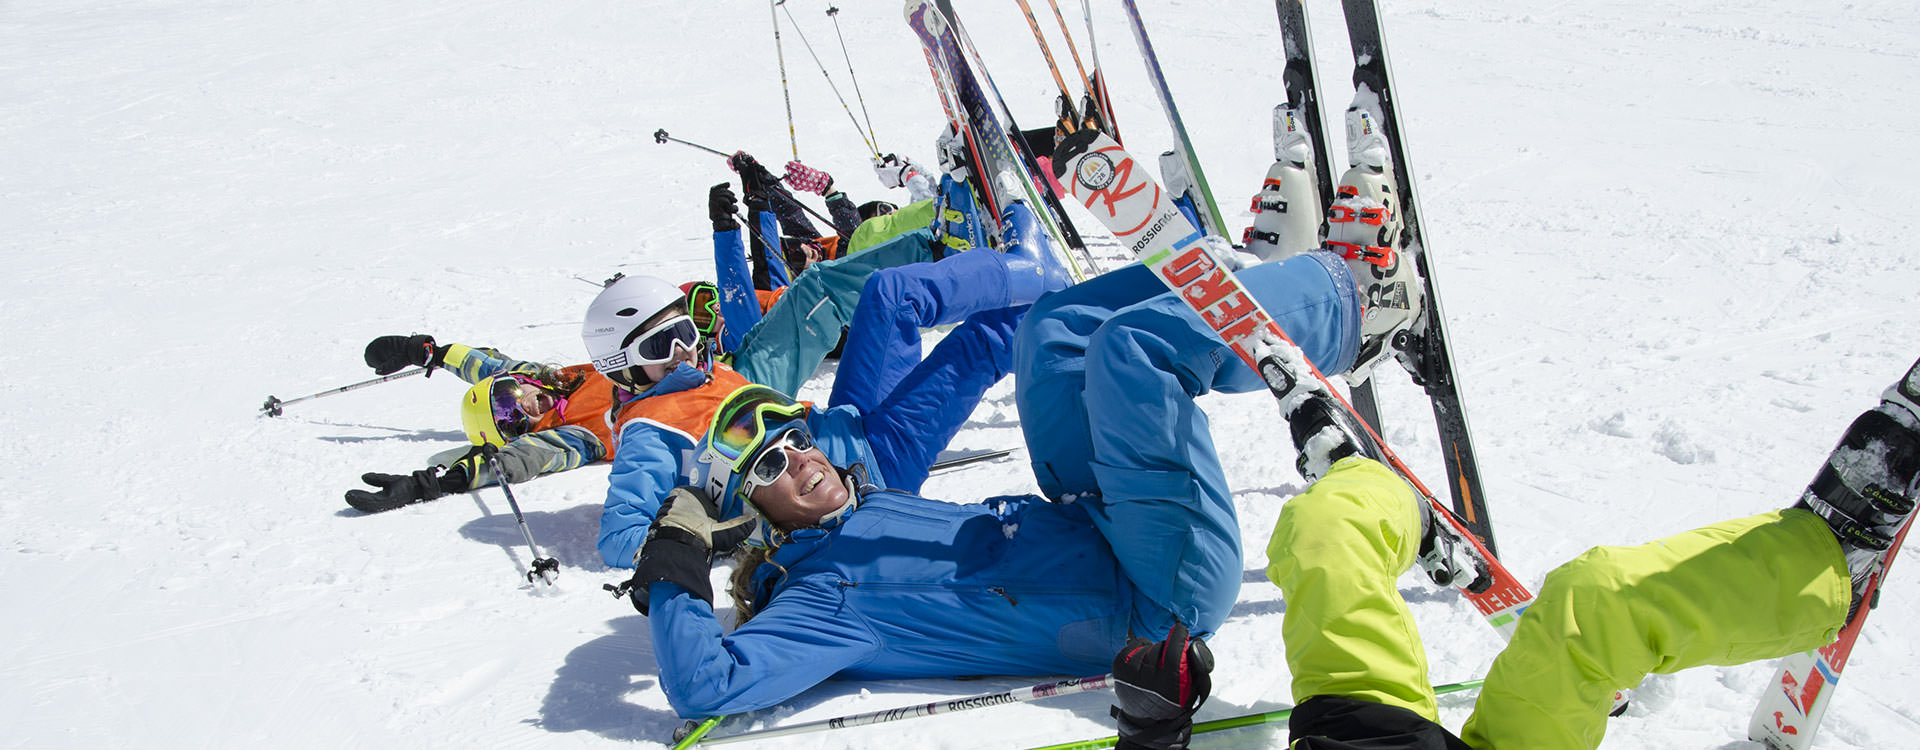 Children-group-ski-lessons